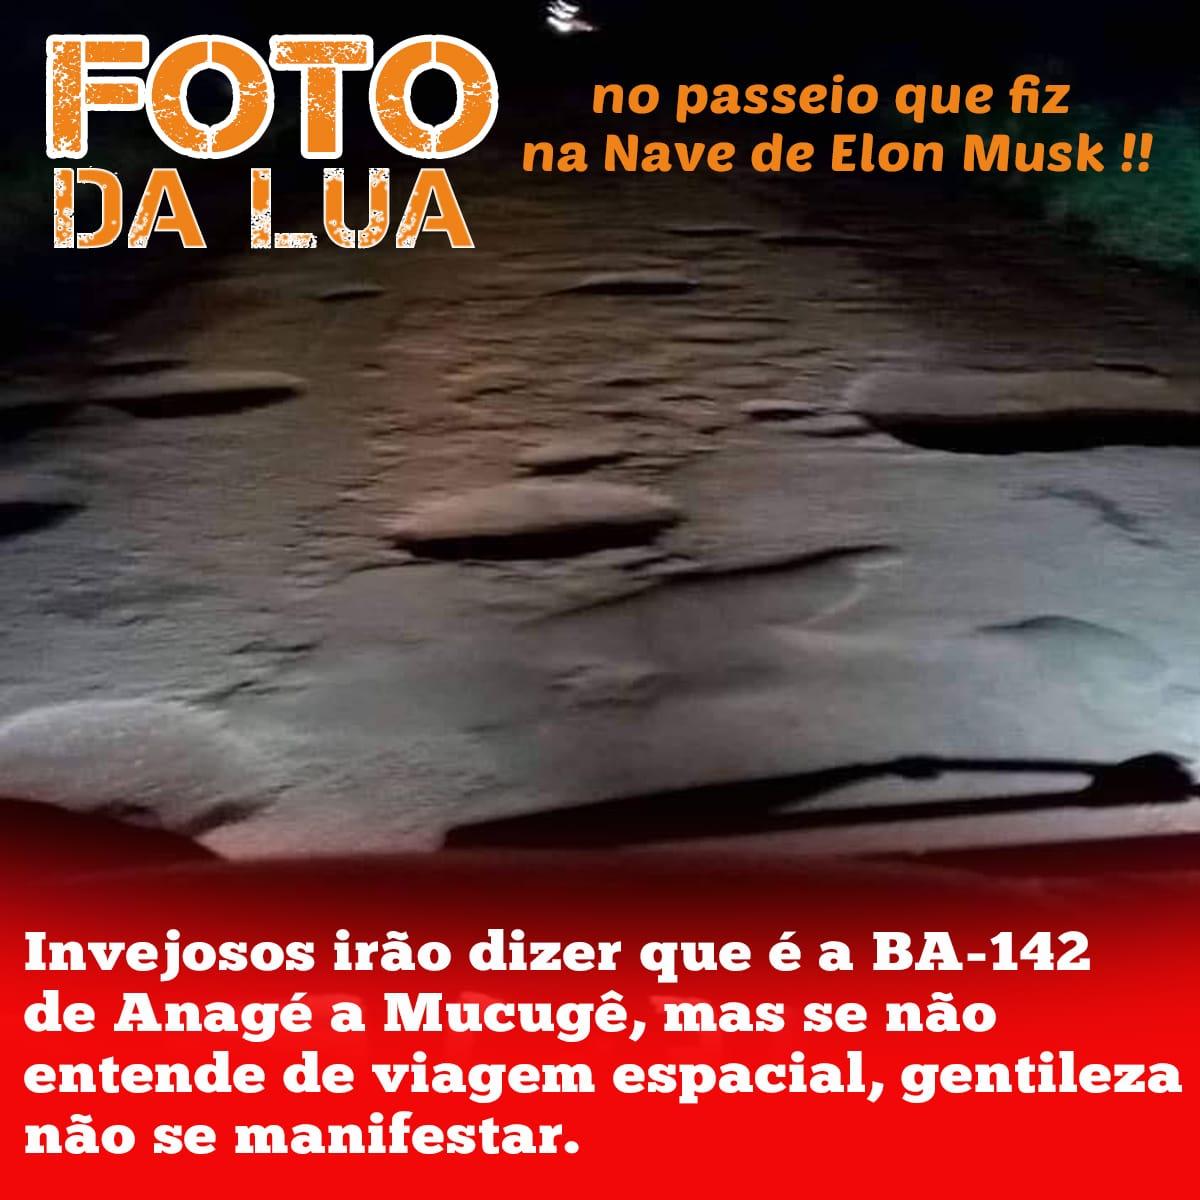 Situação precária da BA - 142, principal portal de acesso à Chapada, vira motivo de sarcasmo nas redes sociais